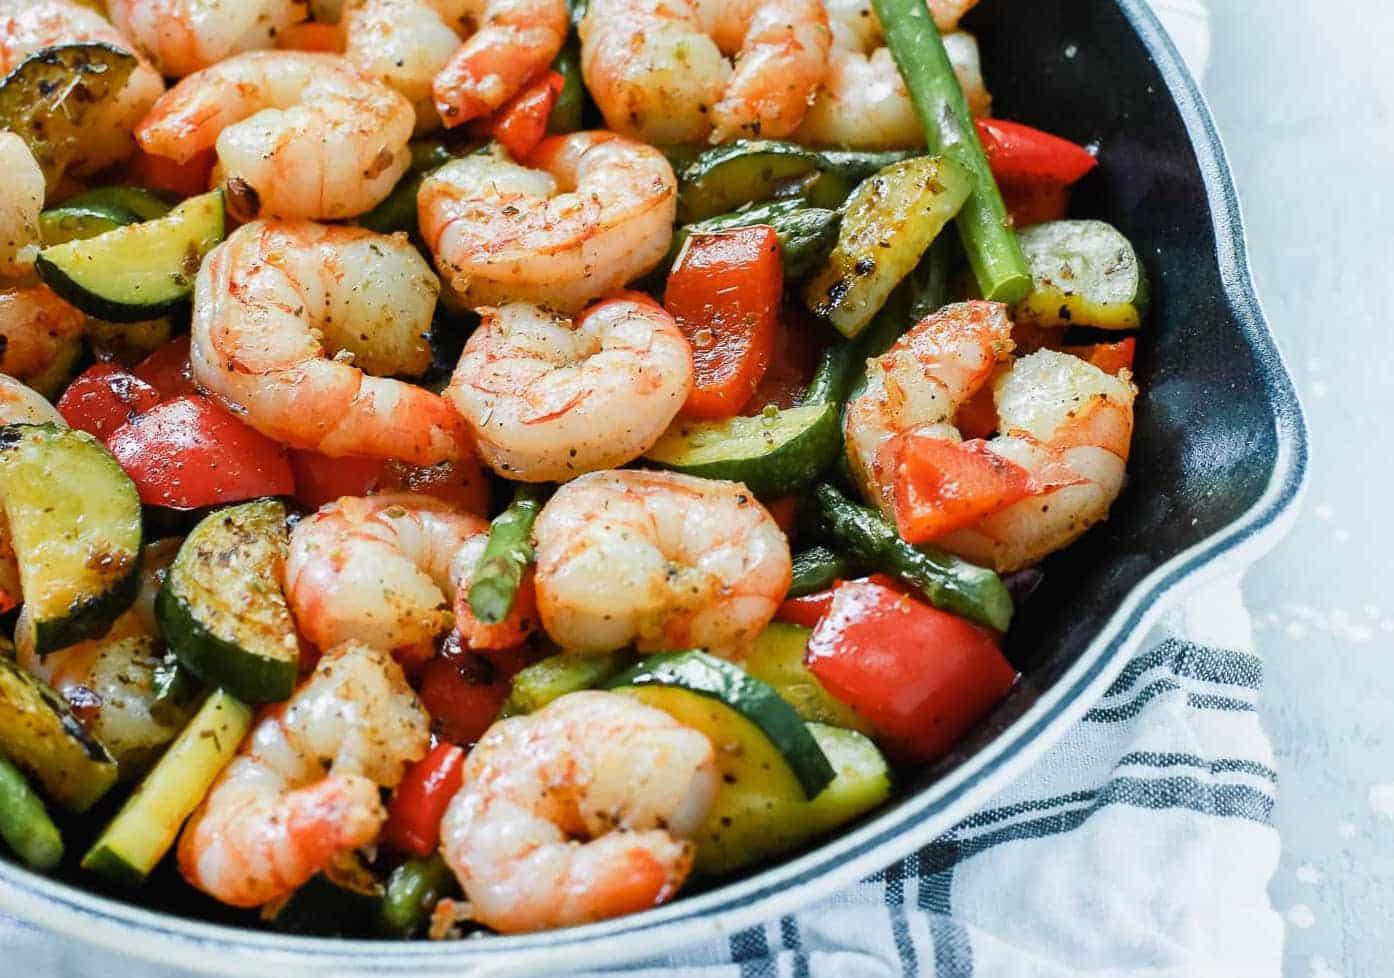 Shrimp Vegetable Skillet recipe